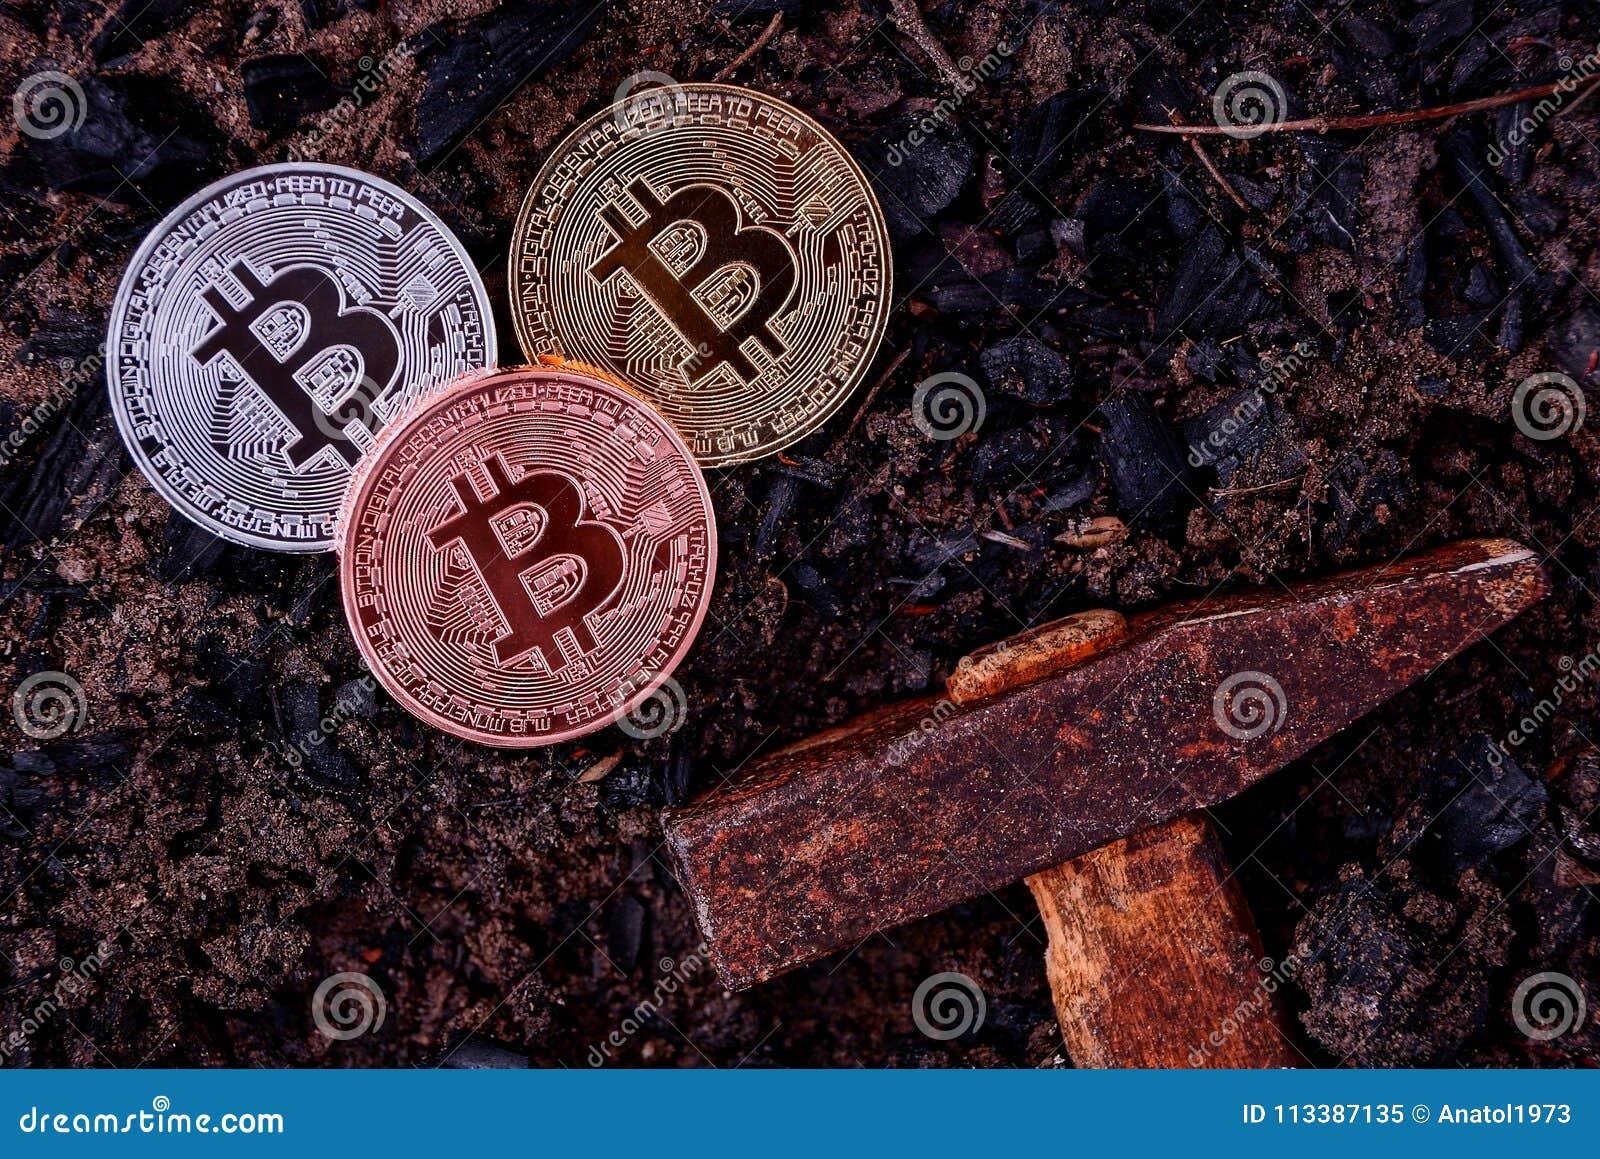 Tre mynt av bitcoin på svart jord och en hammare